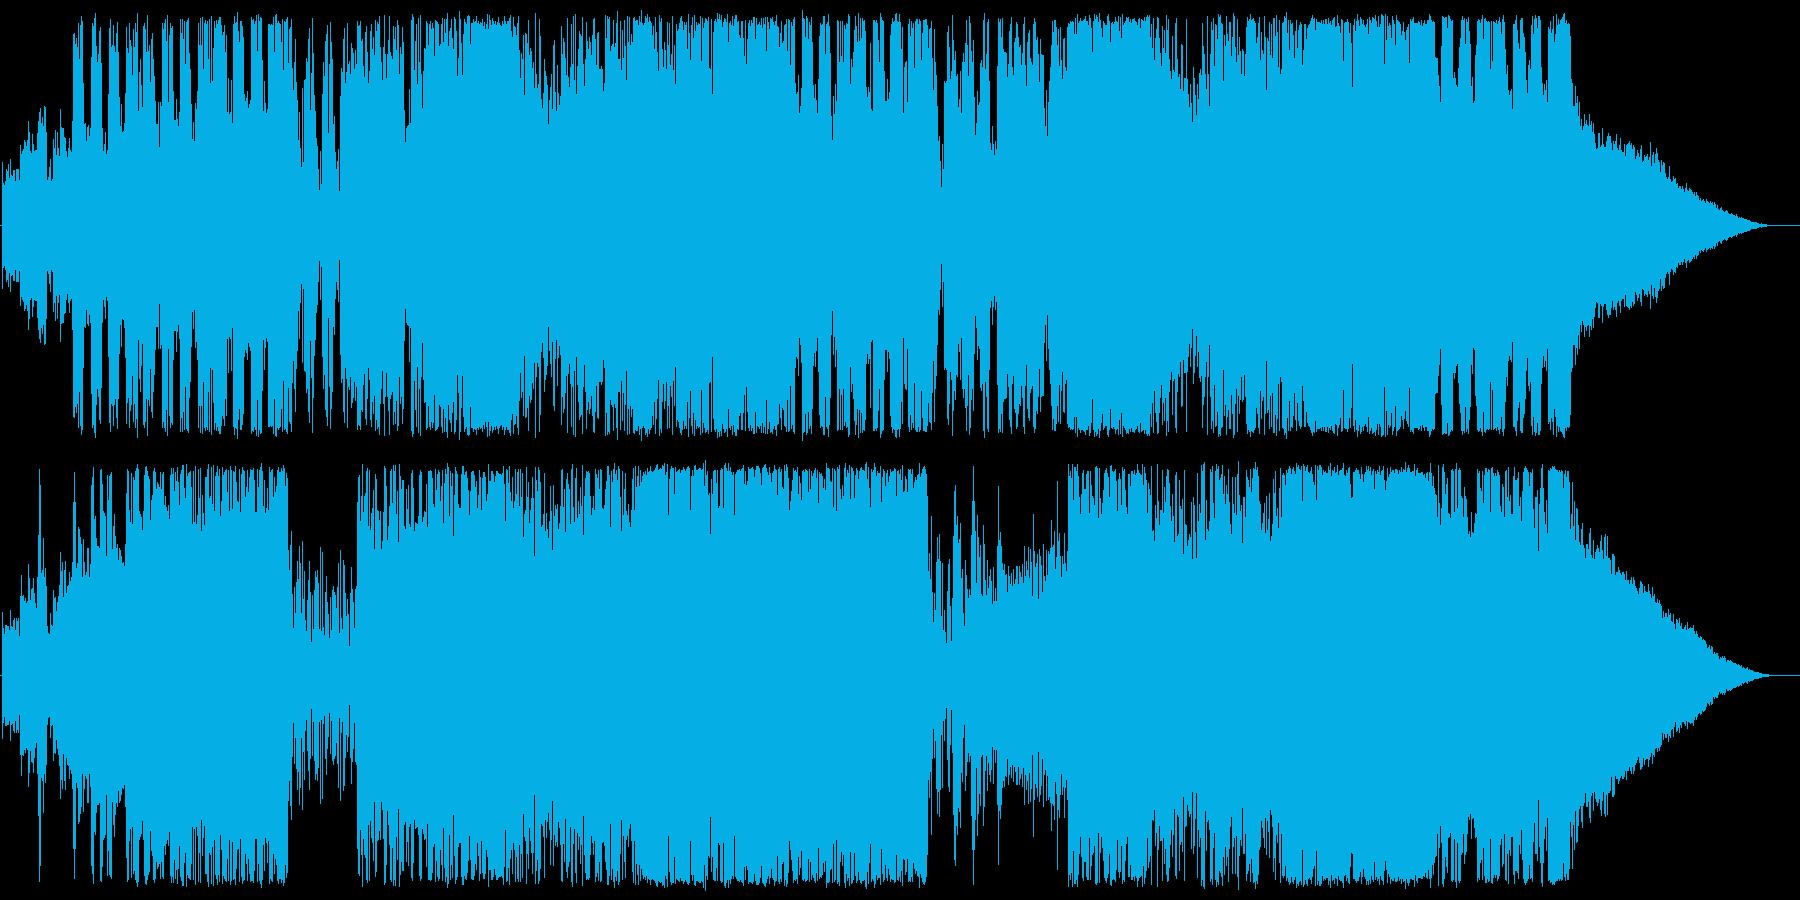 アップテンポでスピーディーなテクノビートの再生済みの波形